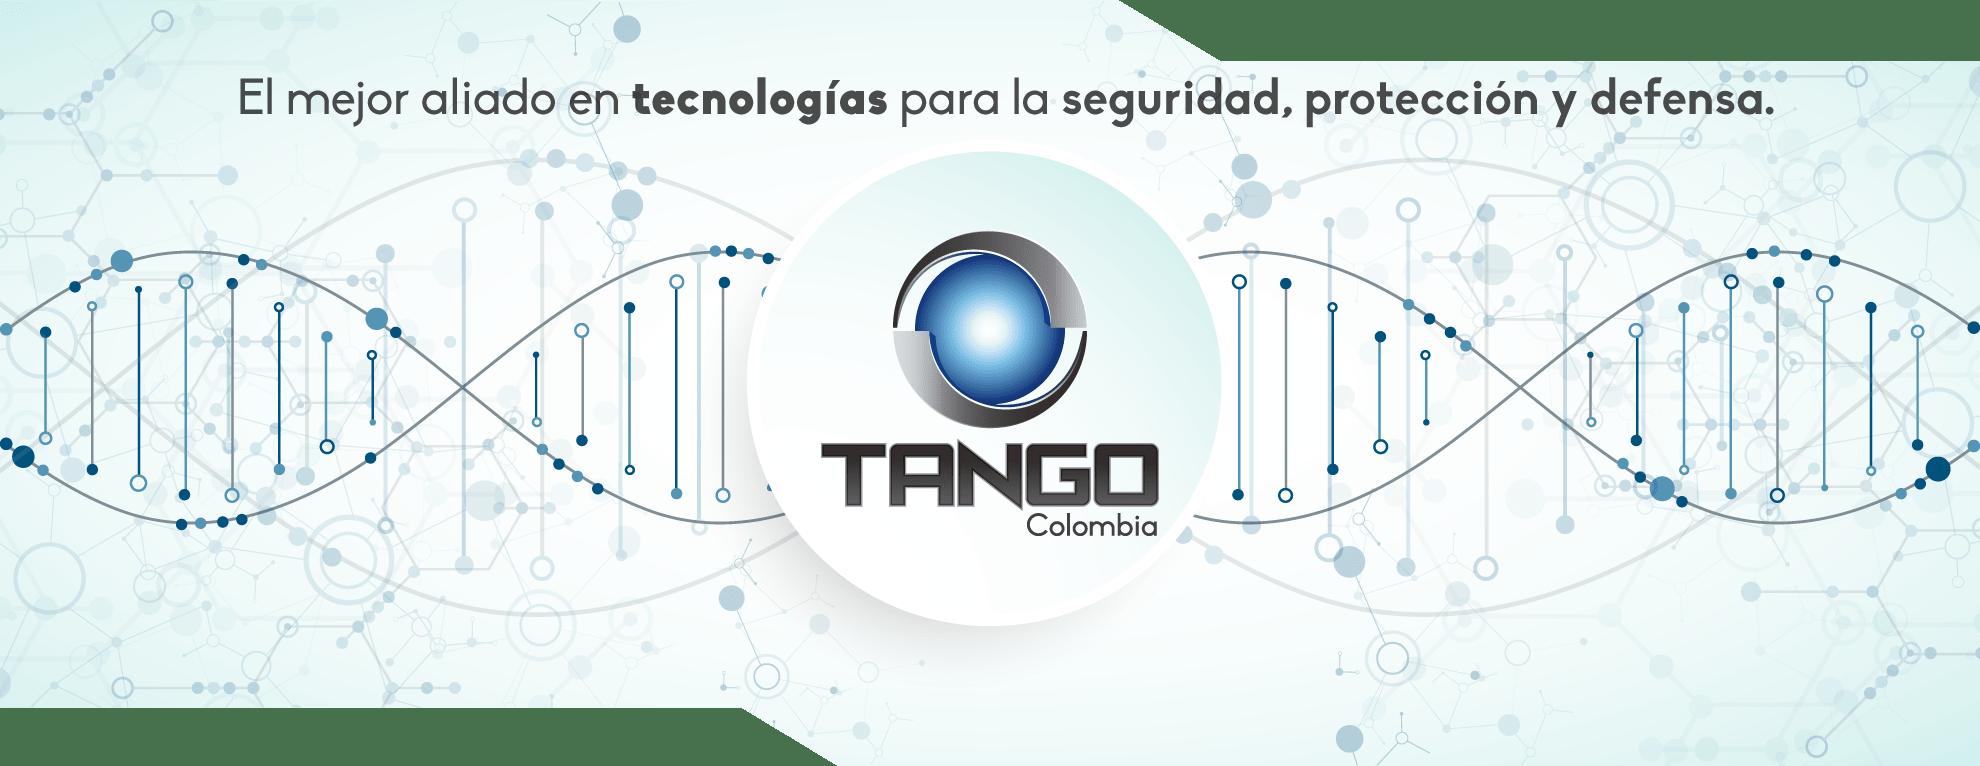 tango colombia aliado en tecnologia